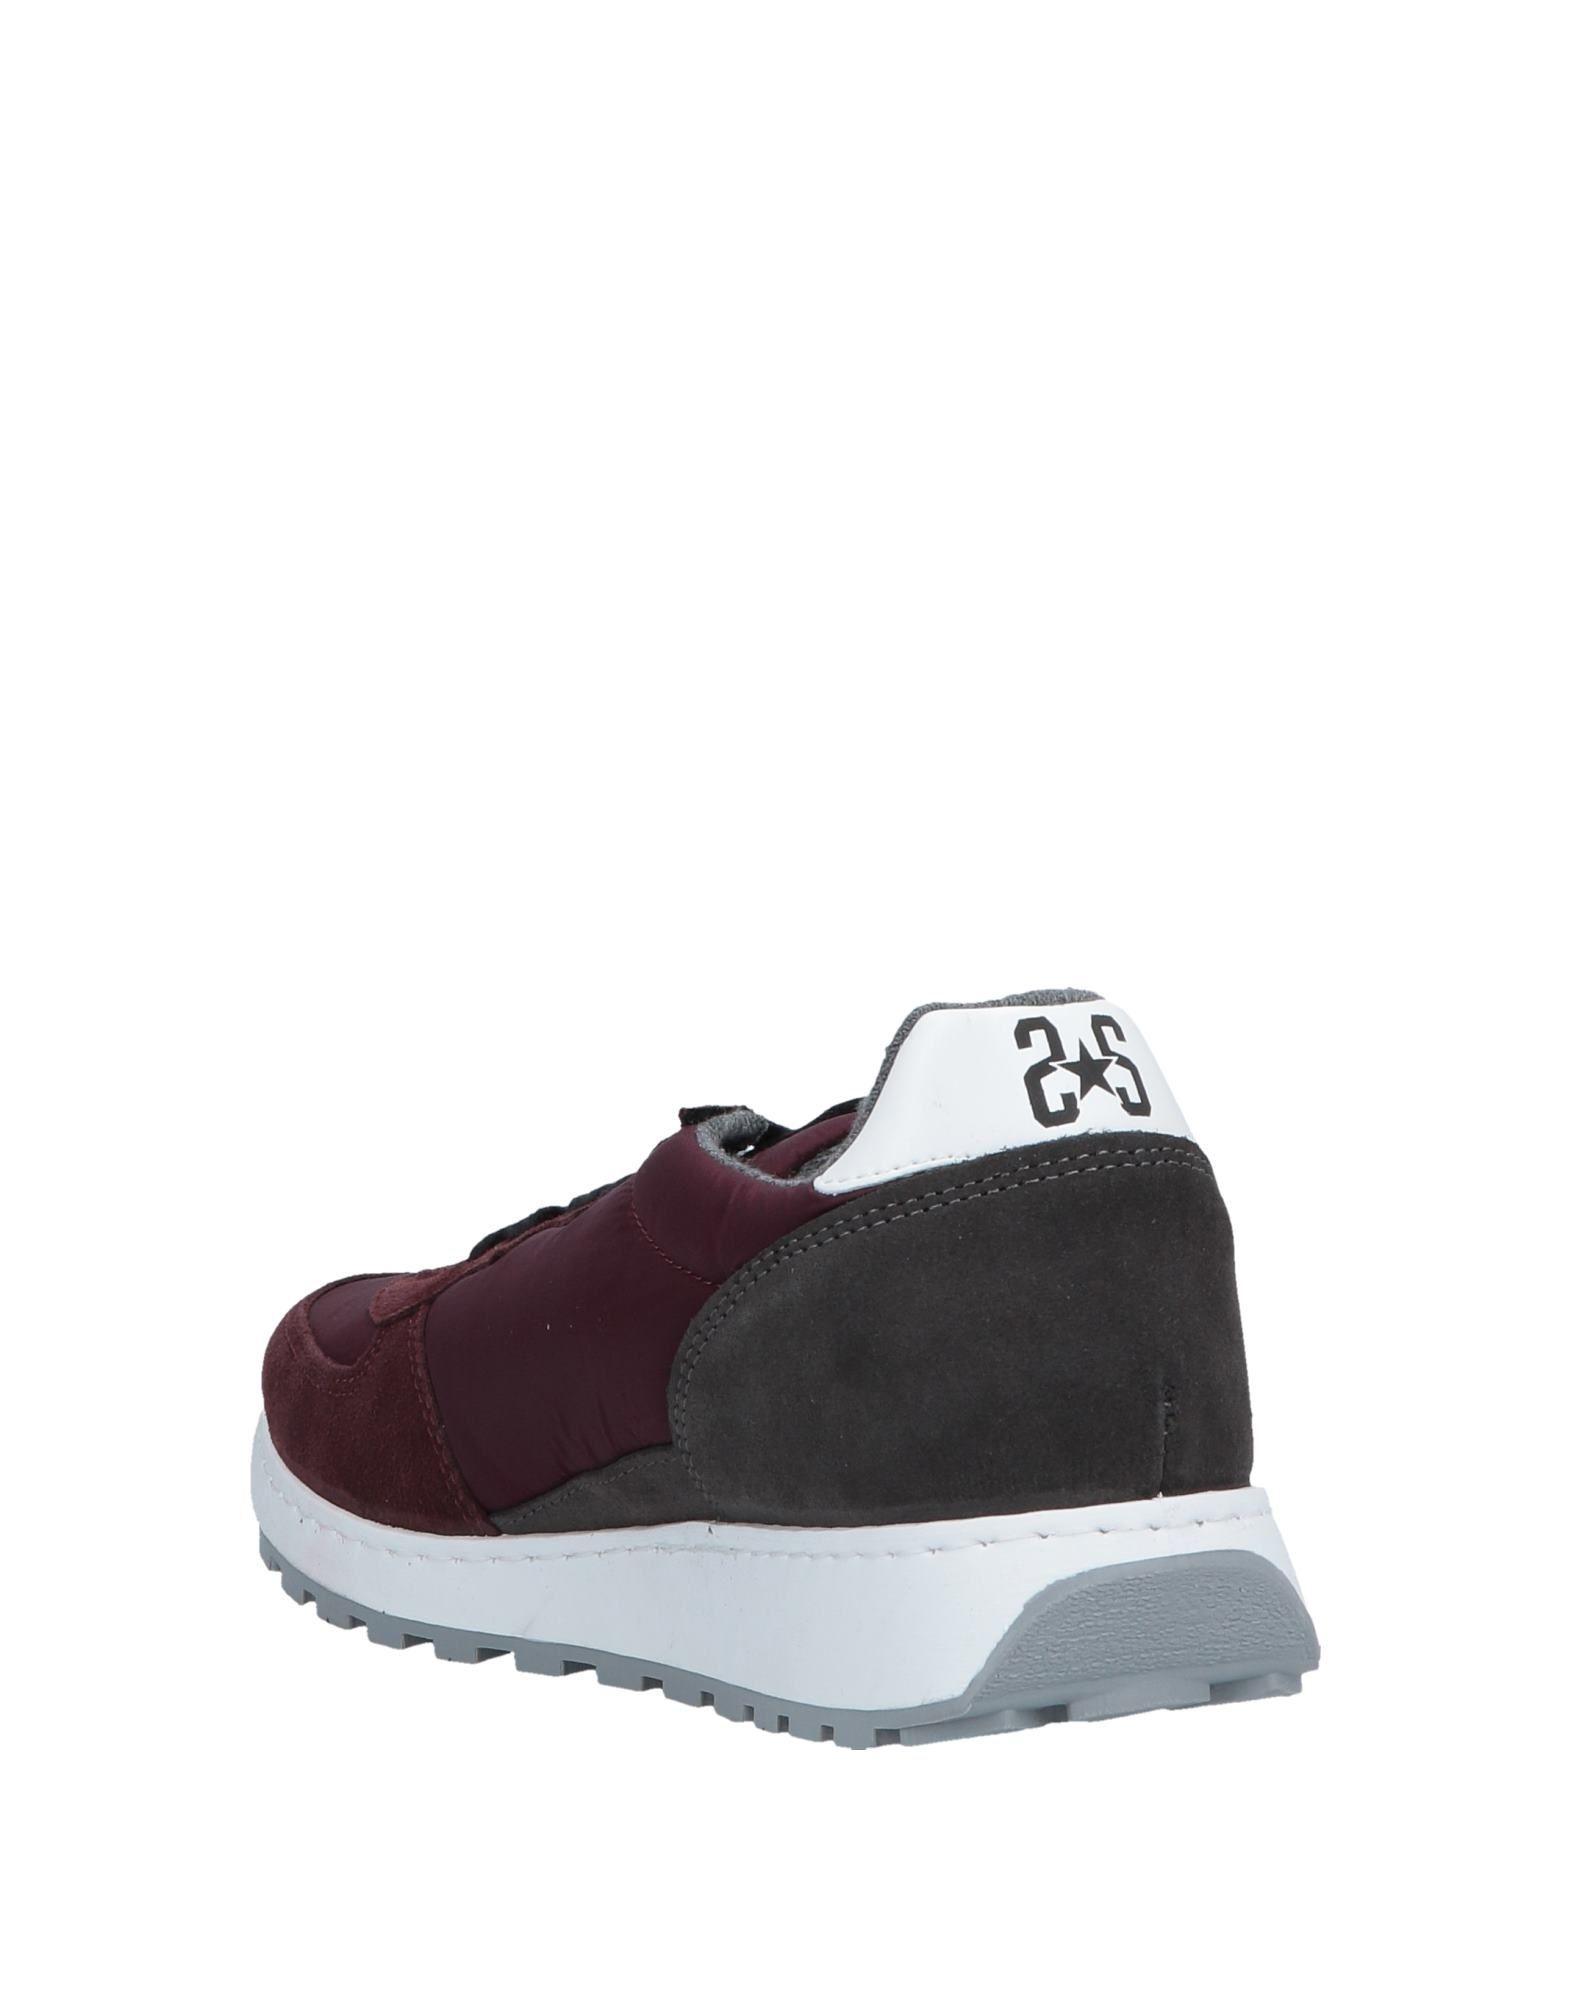 Sneakers & Deportivas 2Star de hombre